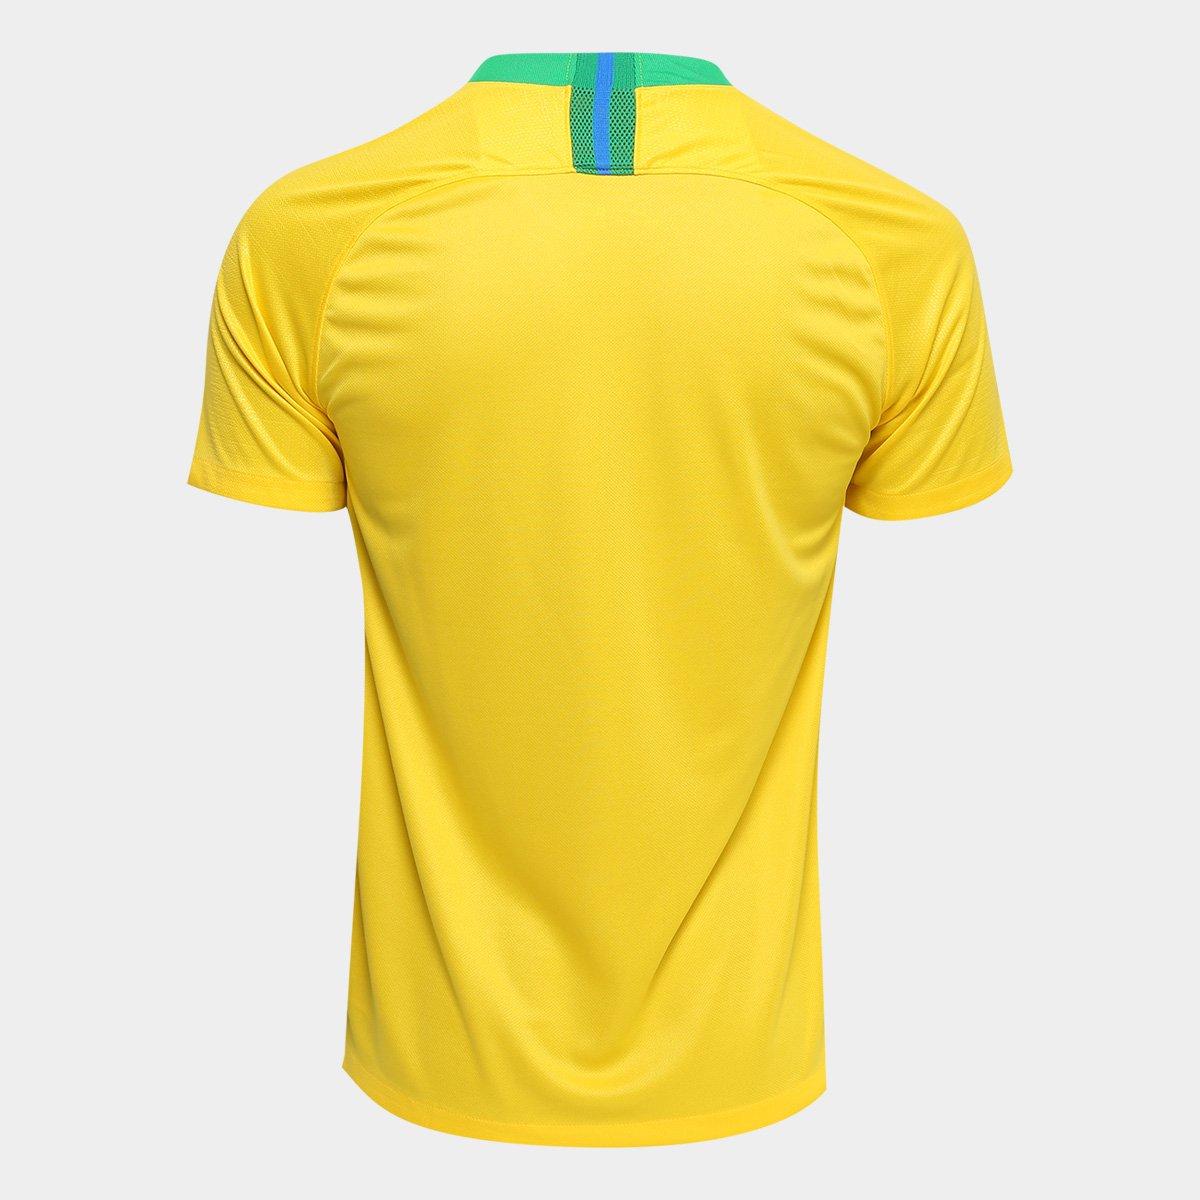 1ebec6833f ... Camisa Seleção Brasil I 2018 s n° - Torcedor Nike Masculina ...